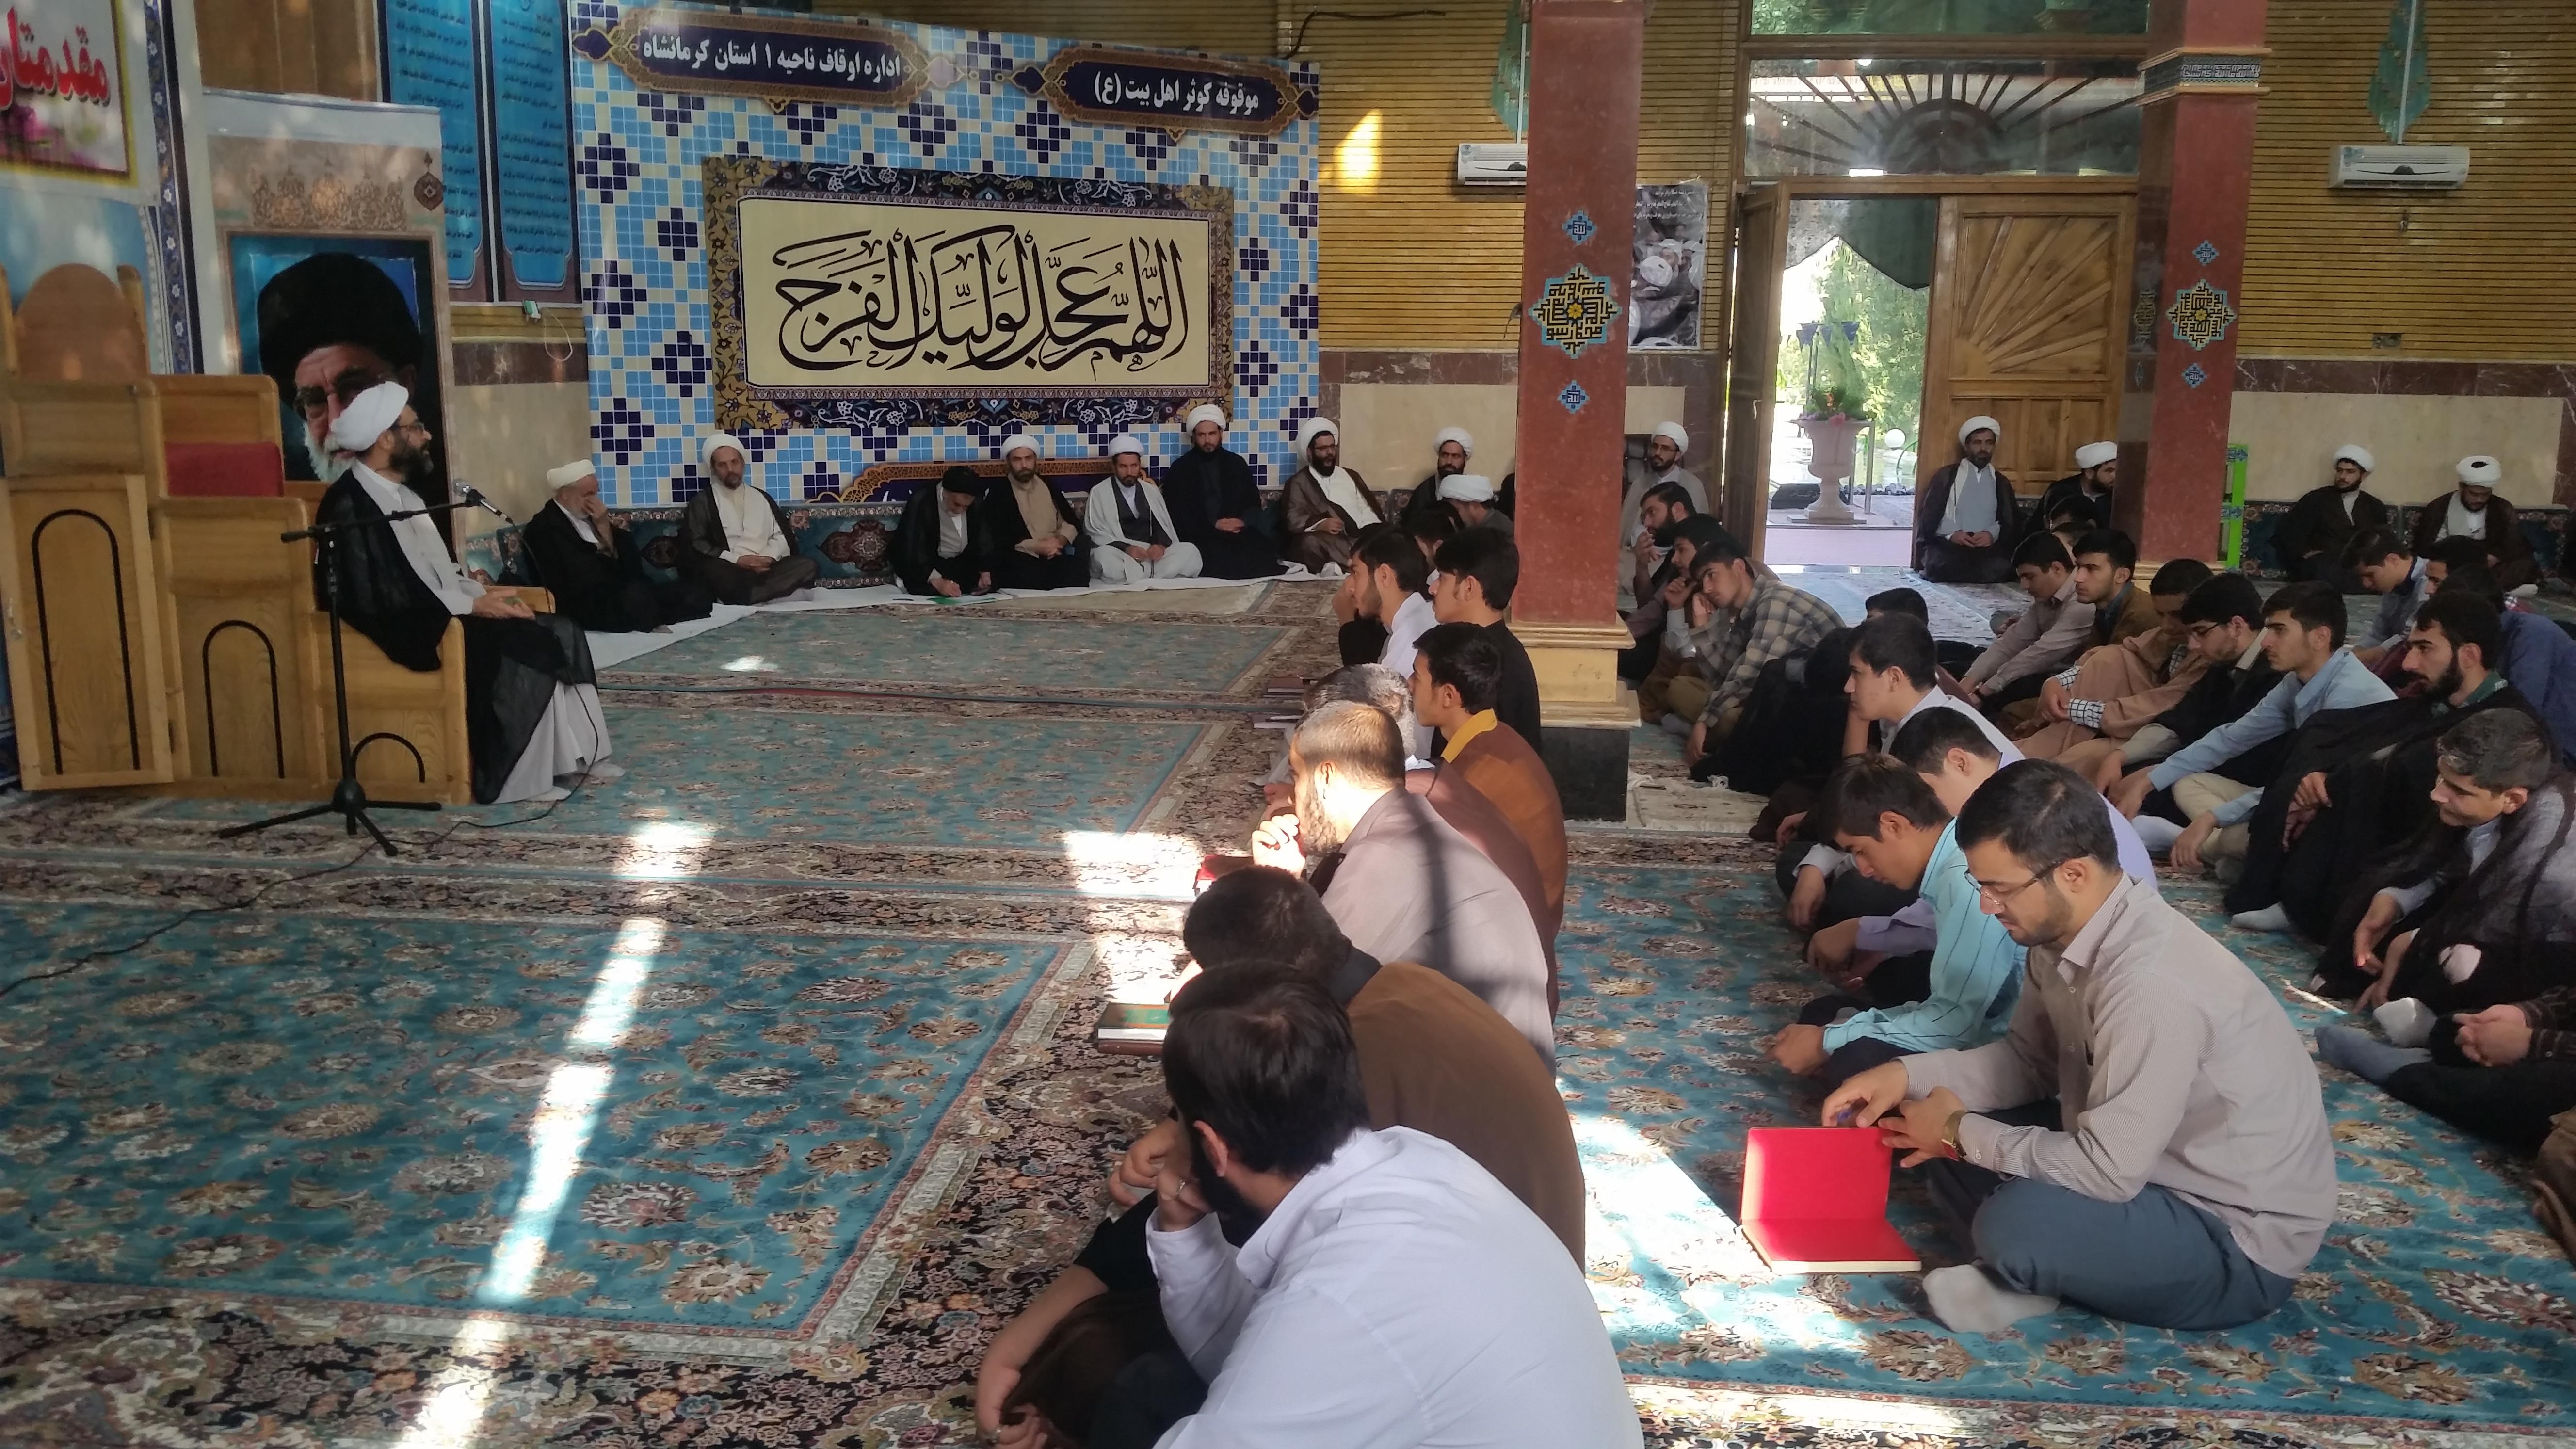 حجت الاسلام والمسلمین مجتبی فاضل رئیس مرکز امور صیانتی حوزه های علمیه در کرمانشاه: